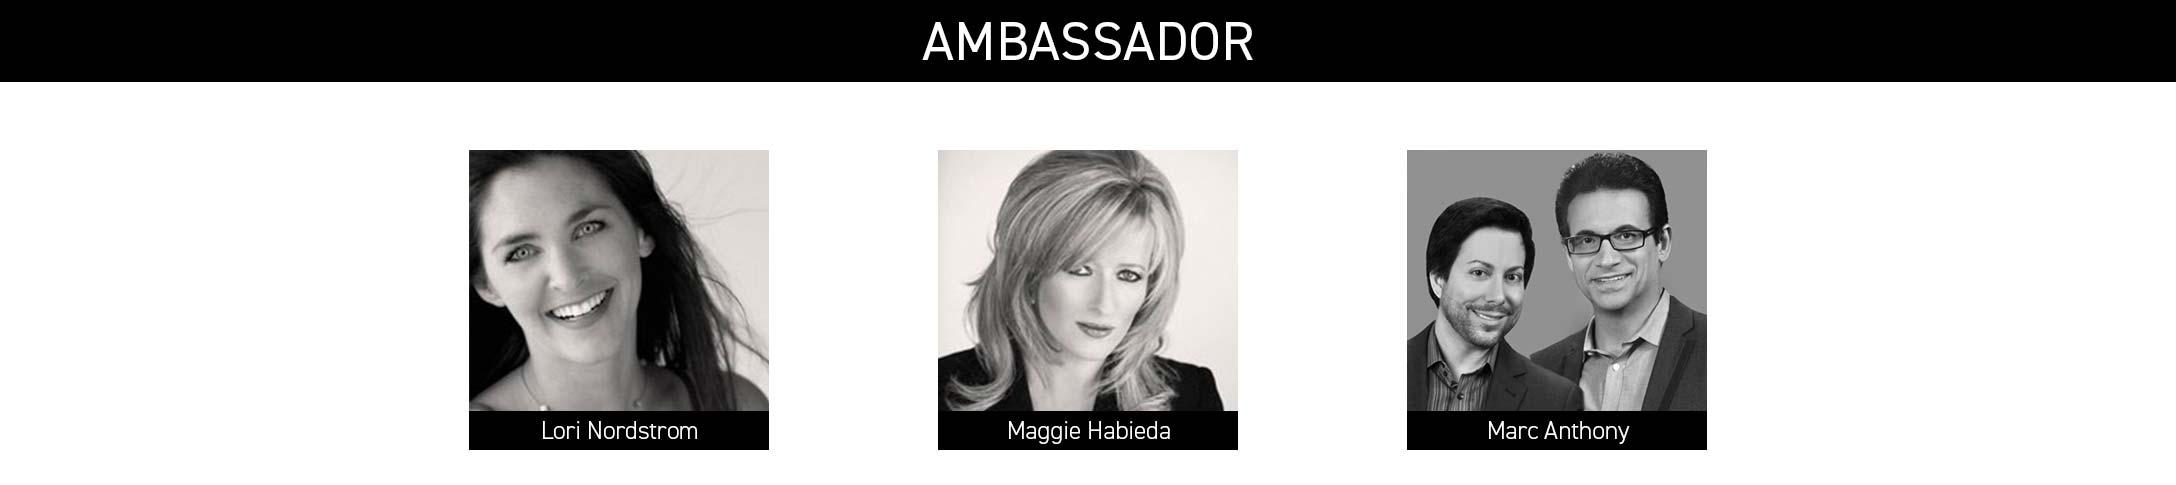 Ambassador_x-3-lingue